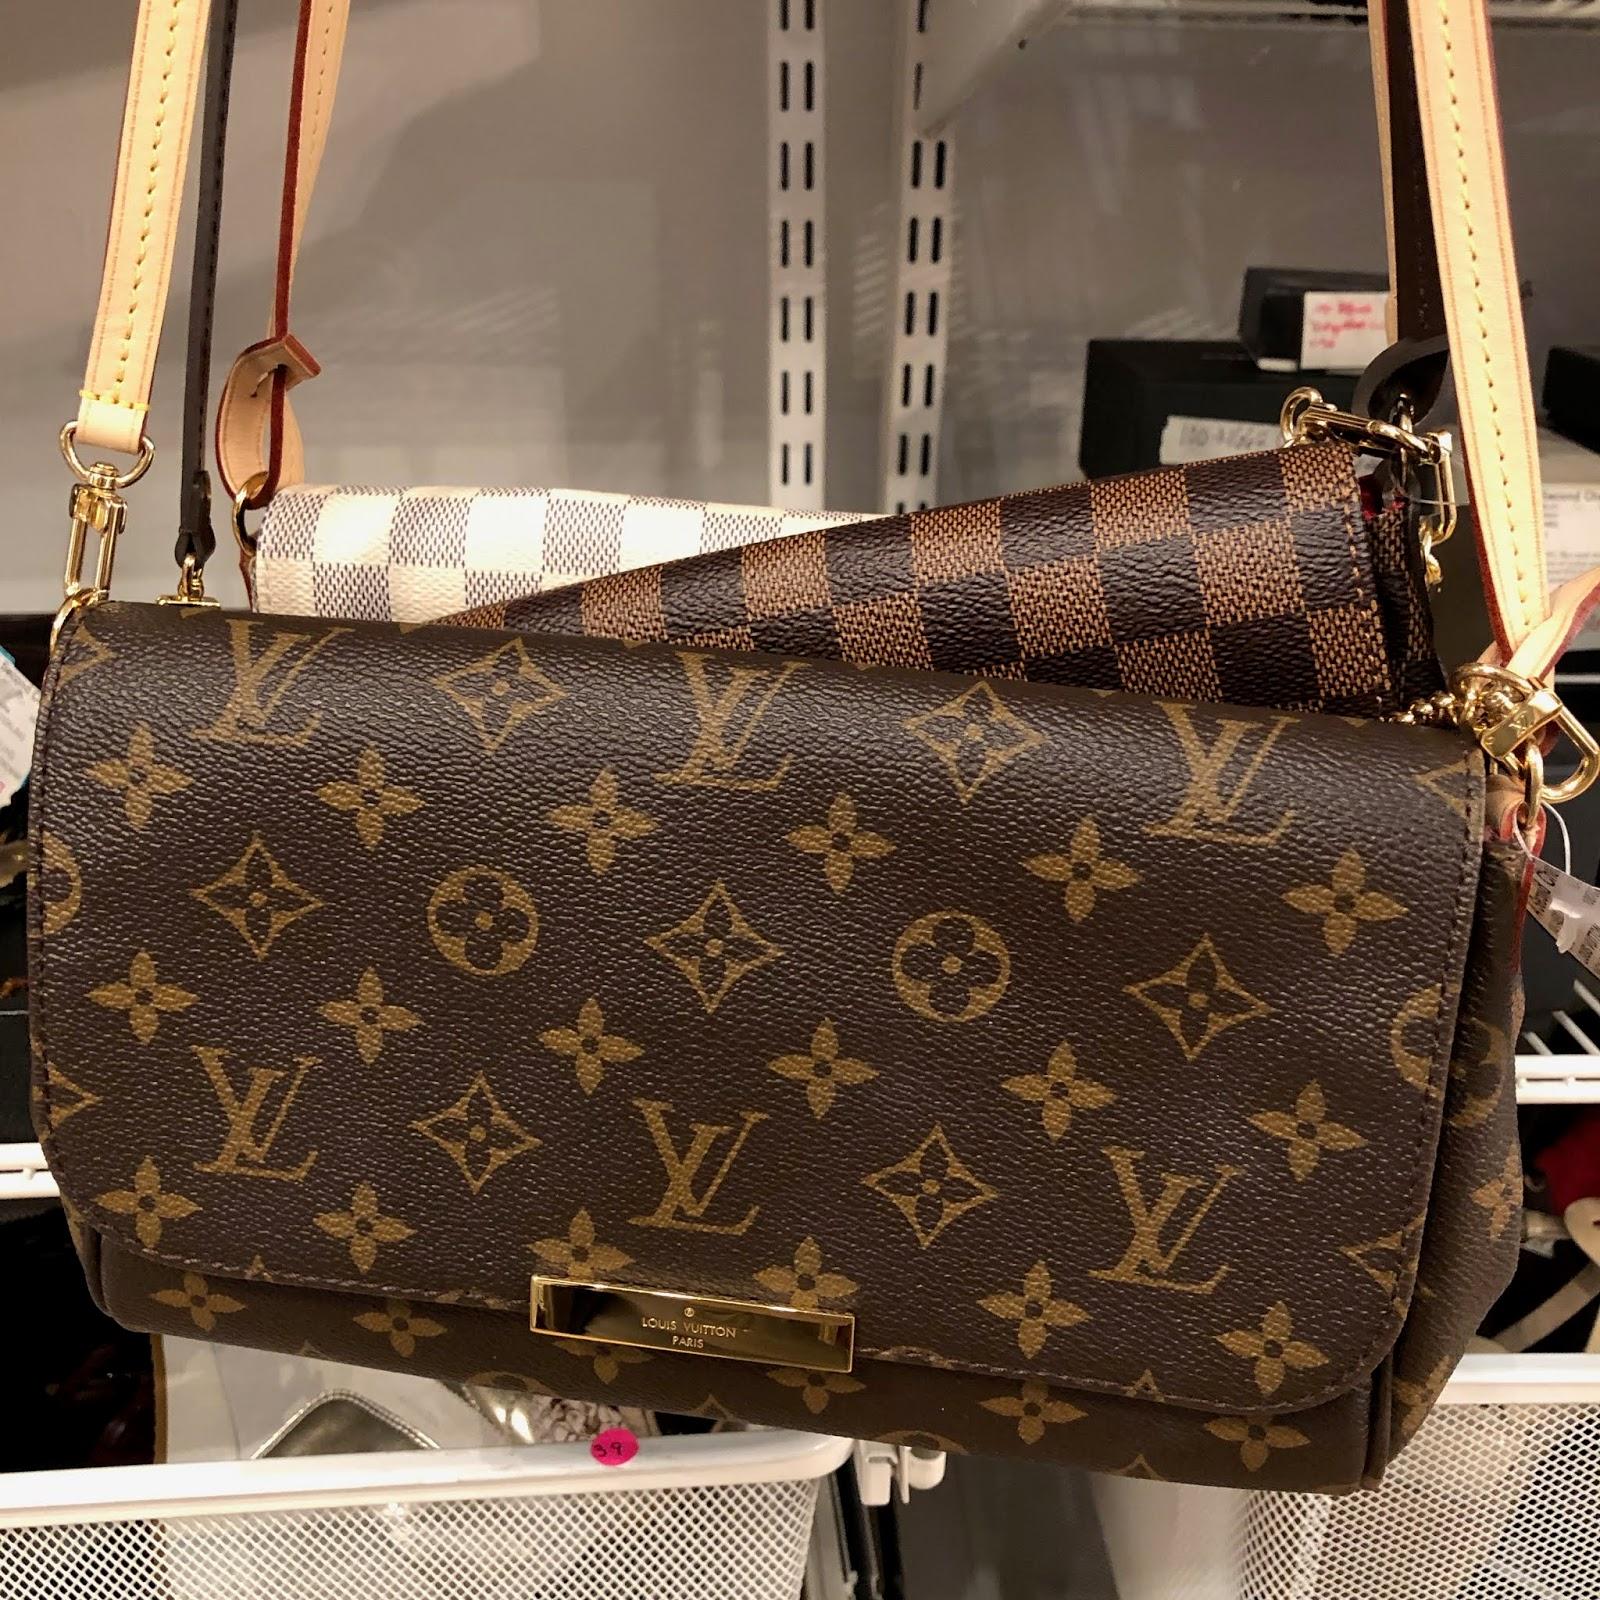 39d40c03b860 Bottom  Louis Vuitton Vintage Damier Ebene Coated Canvas Venice PM Sac Plat  Handbag